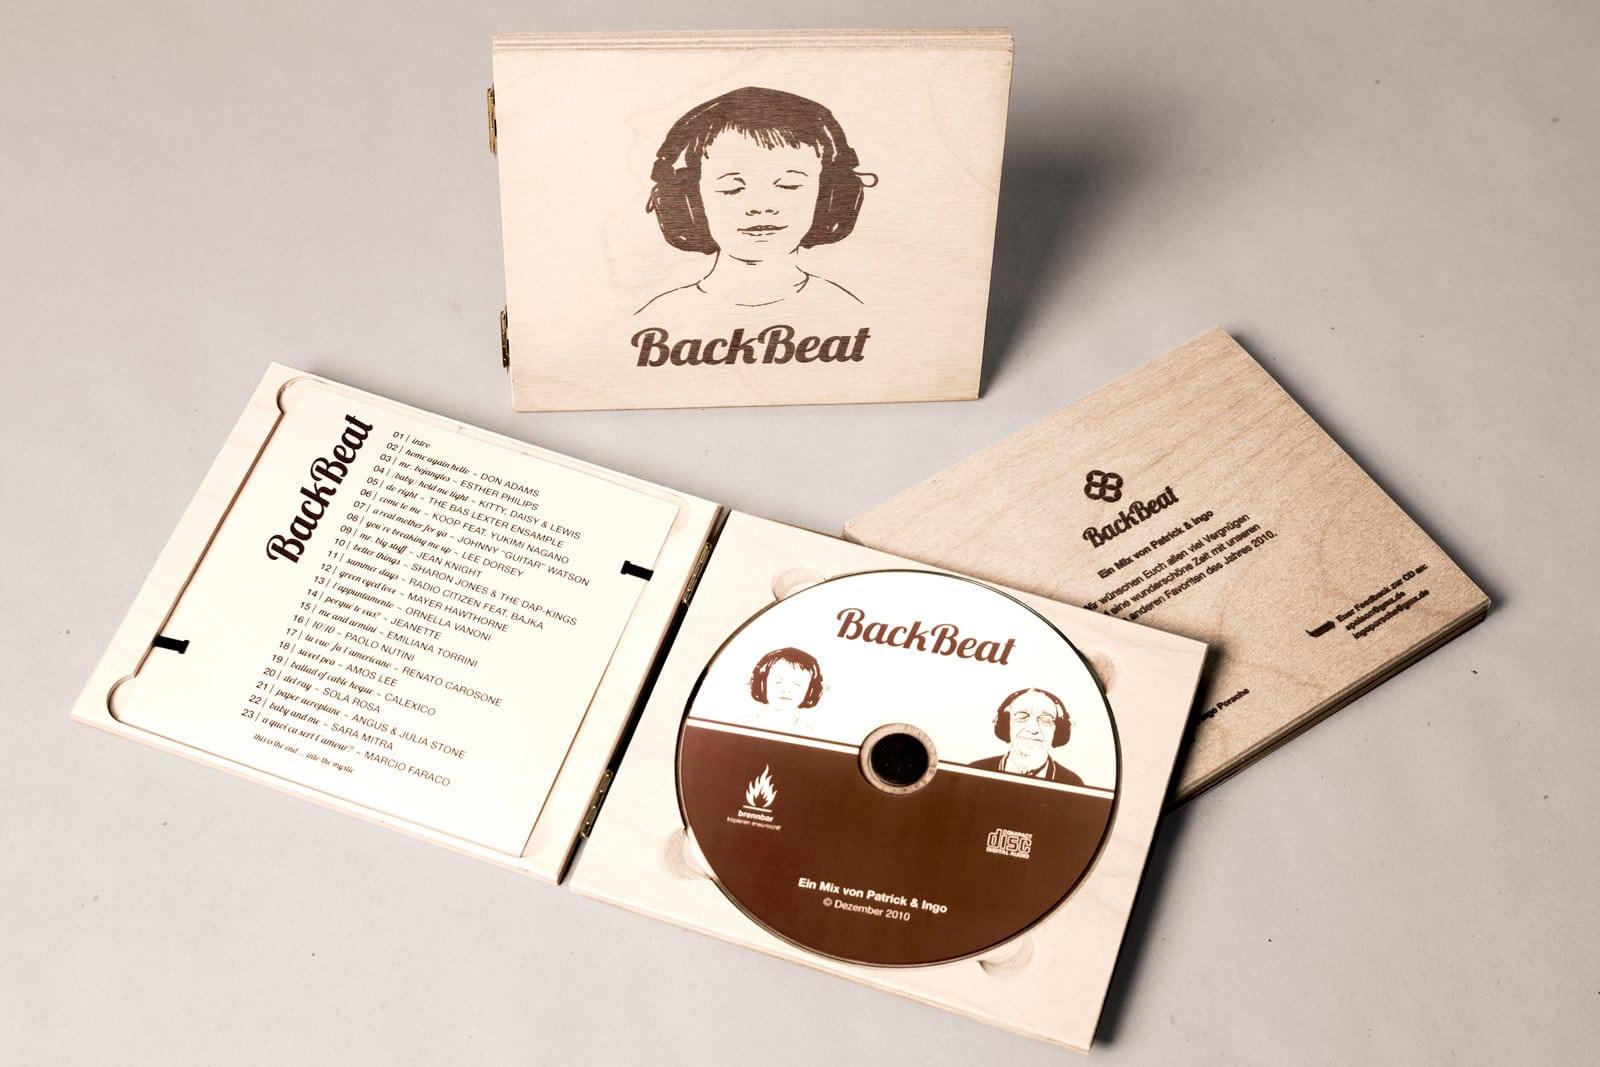 BackBeat, Musik Compilation, Booklet, CD-Label, CD Cover, CD Holzhülle, Illustration, Cover Artwork, Arrangement